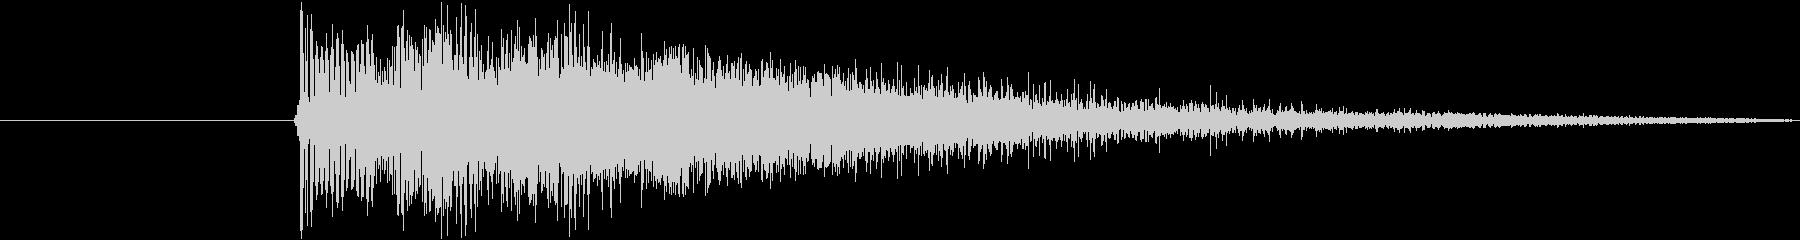 信号バージョン5の未再生の波形